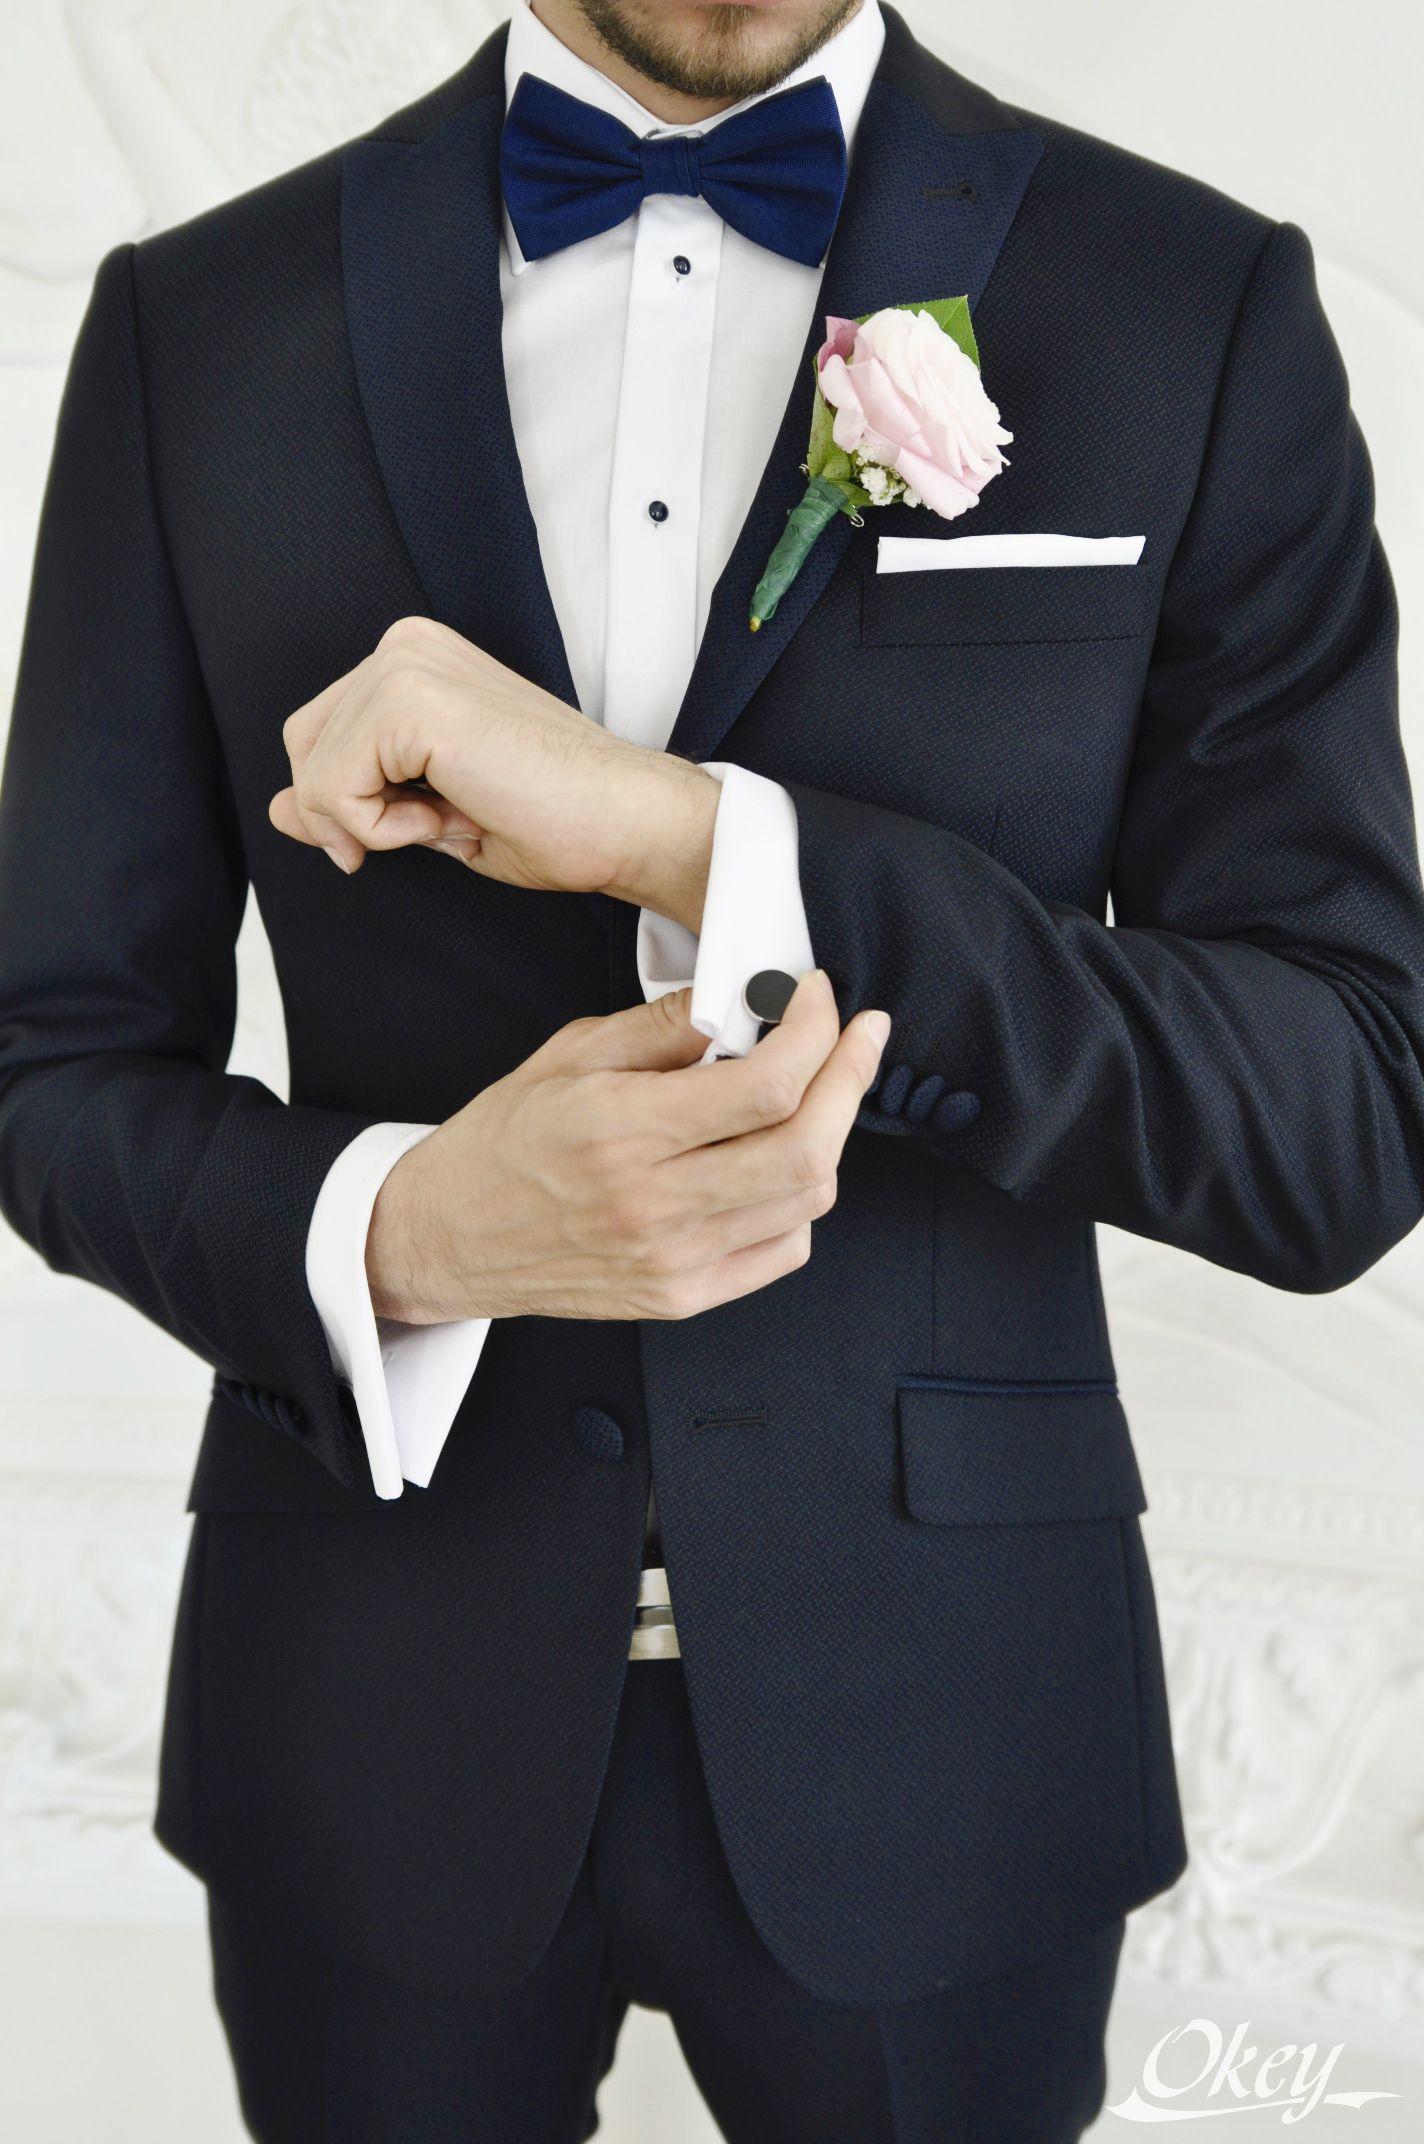 890c712a55cd3 Garnitury Na ślub I Wesele Radom Salon Mody Męskiej Okey